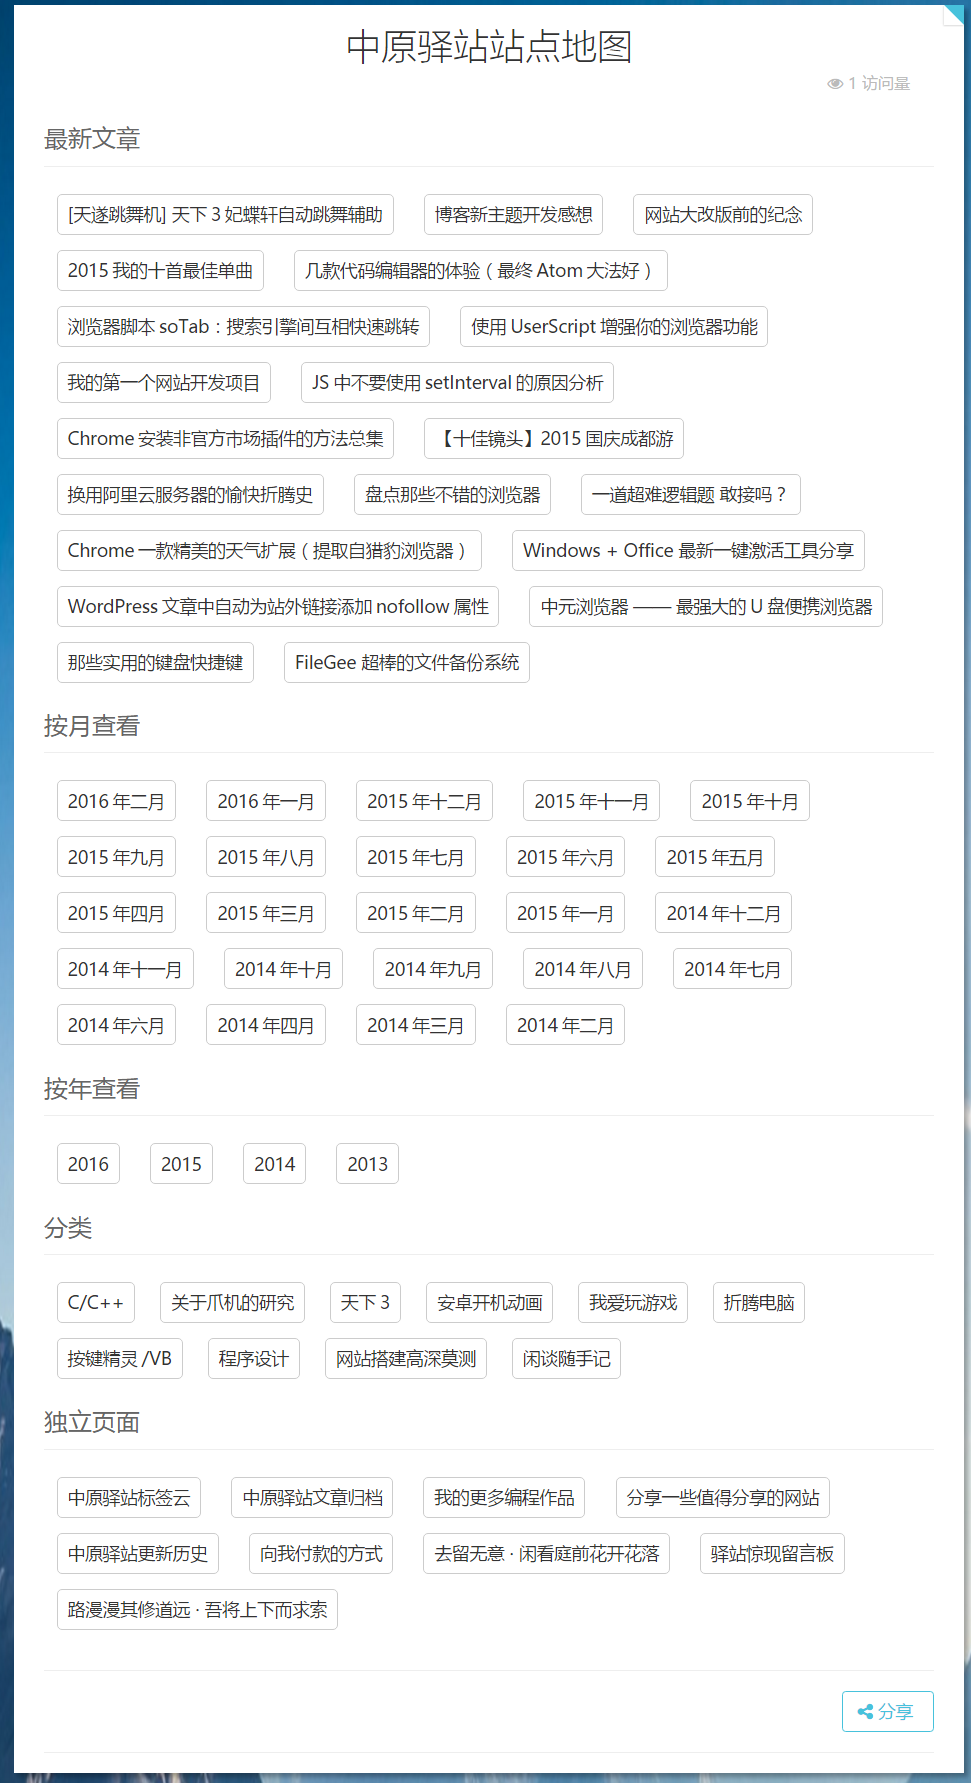 中原驿站标签云 – 中原驿站_2345看图王(1)